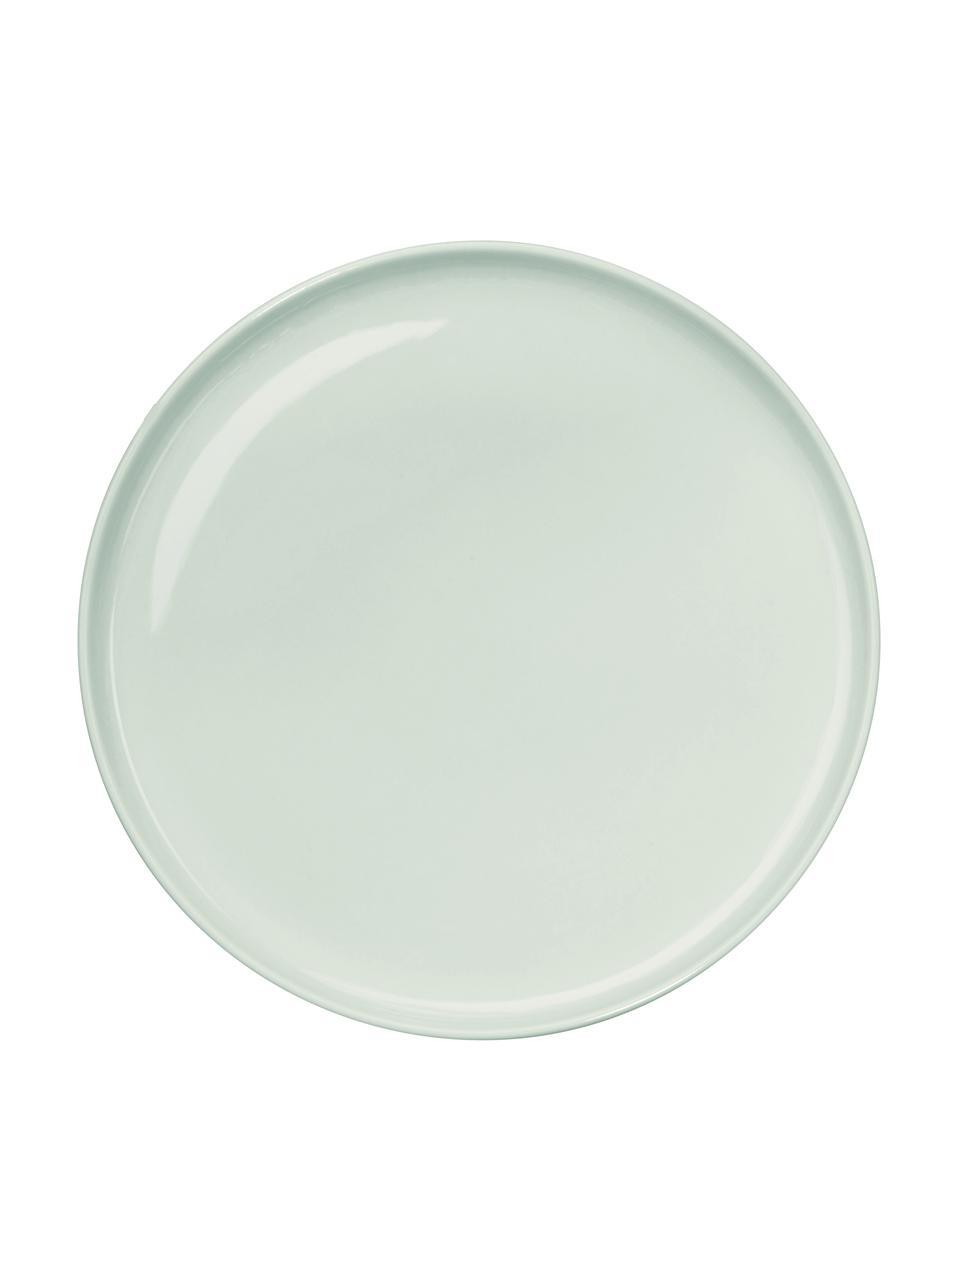 Talerz śniadaniowy z porcelany Kolibri, 6 szt., Porcelana, Zielony miętowy, Ø 21 cm